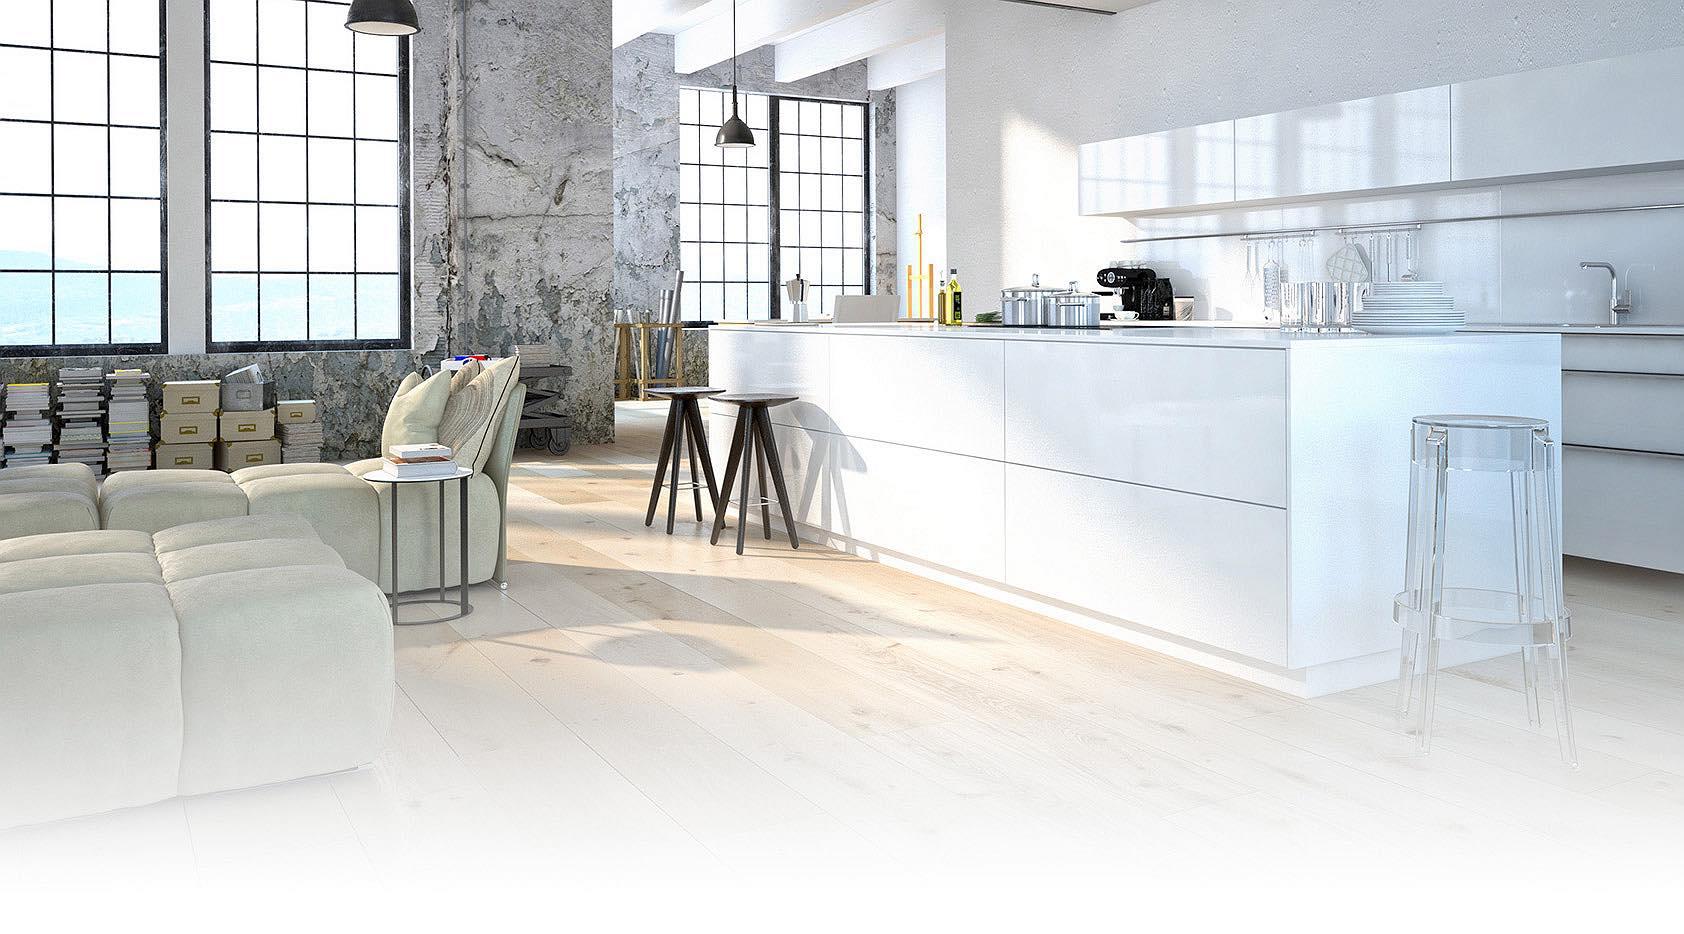 Full Size of Landhausküche Einrichten Moderne Weisse Weiß Gebraucht Küche Kleine Grau Badezimmer Wohnzimmer Landhausküche Einrichten